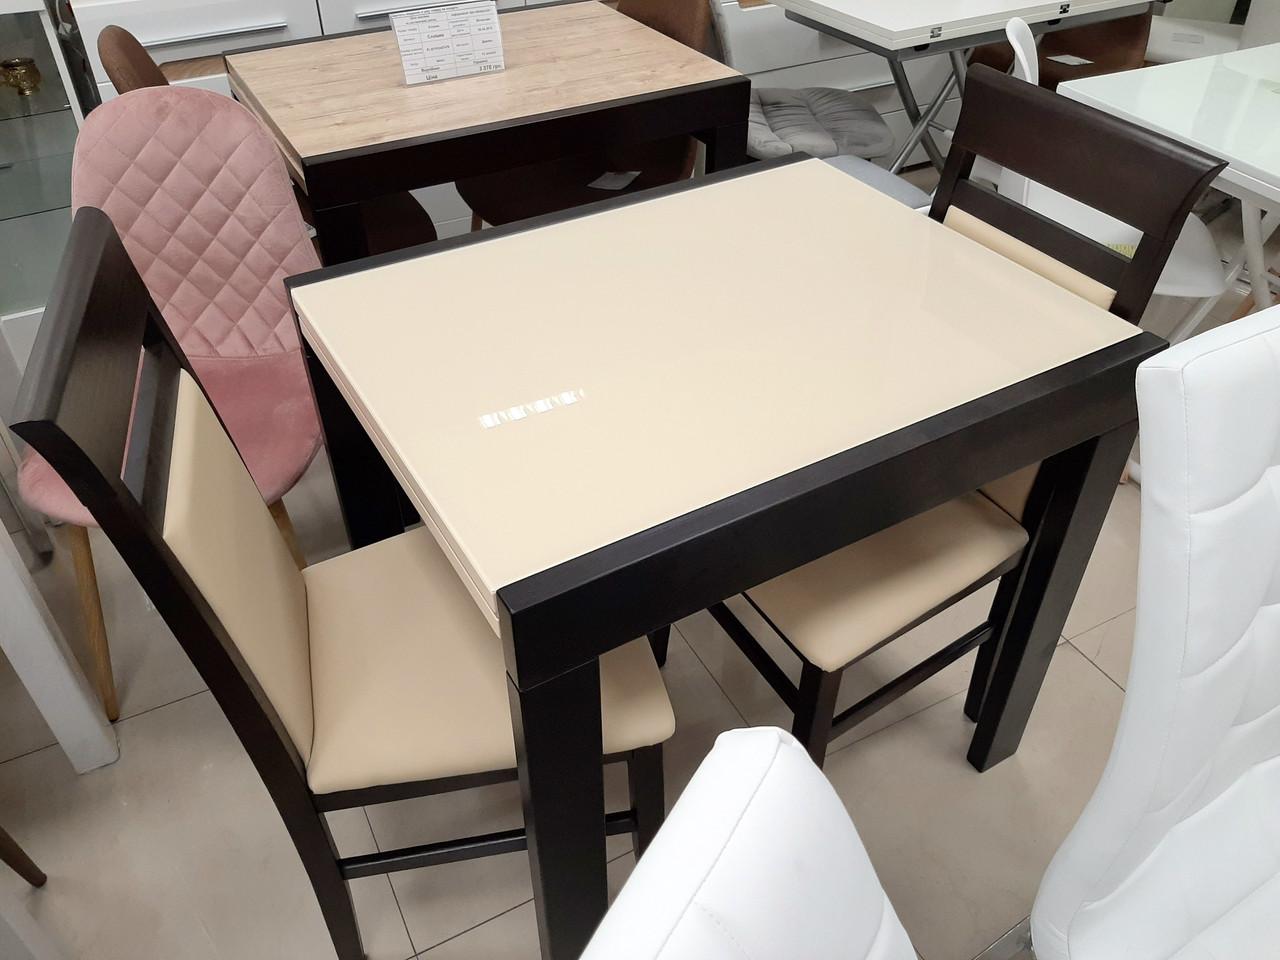 Стеклянный стол на кухню  Слайдер + стекло Fn, цвет на выбор